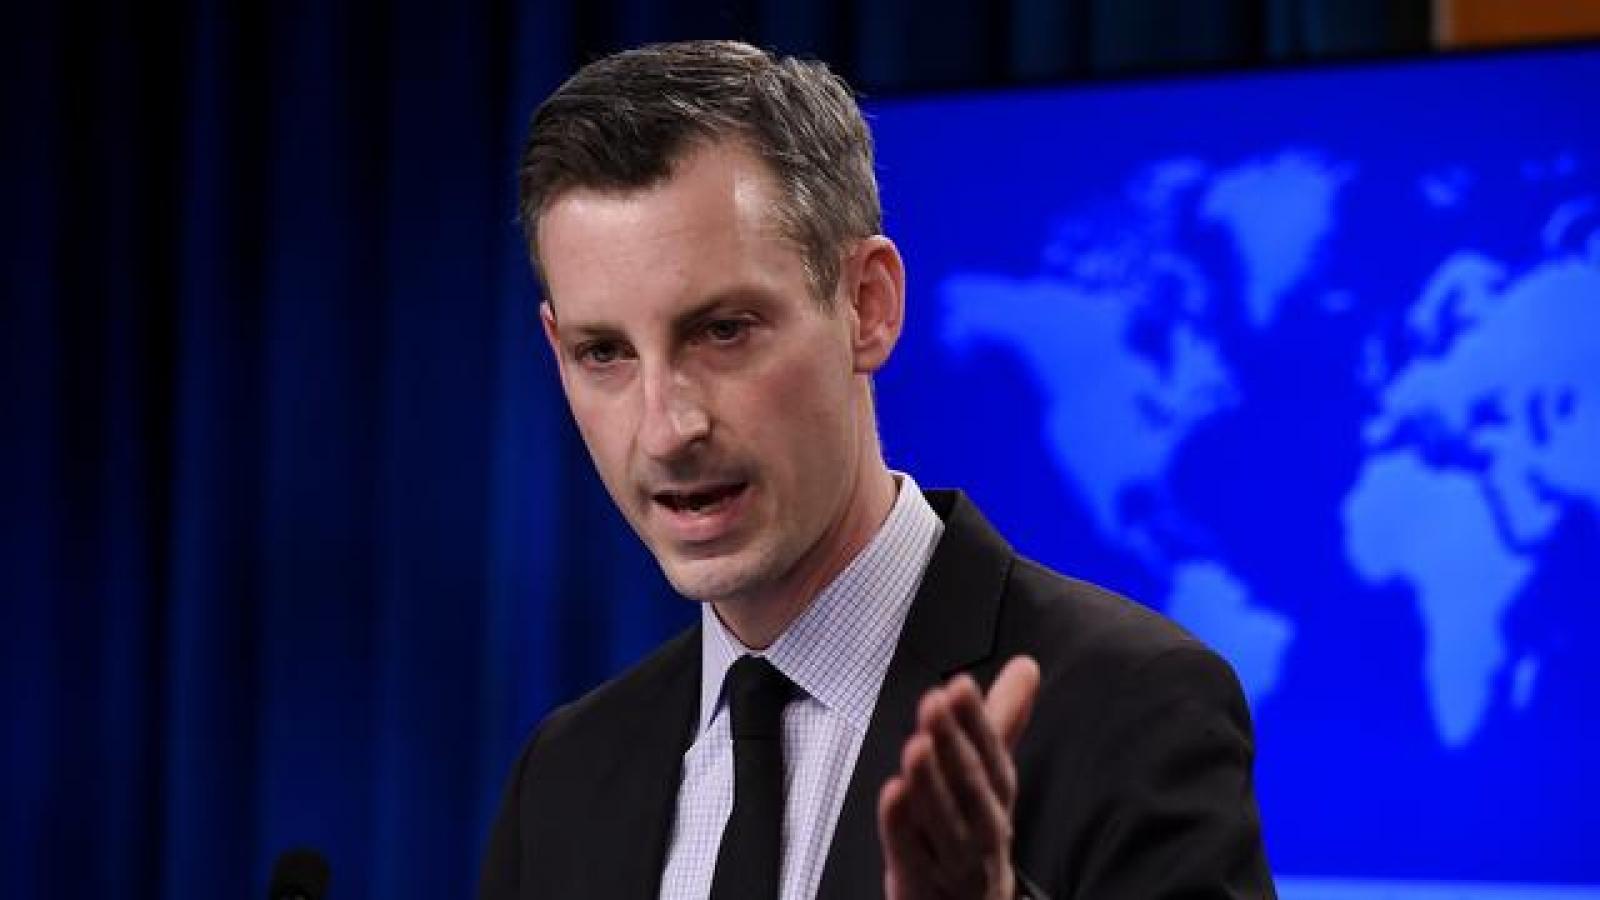 Mỹ tính đáp trả lệnh cấm tuyển dụng công dân Nga làm việc cho cơ quan ngoại giao Mỹ